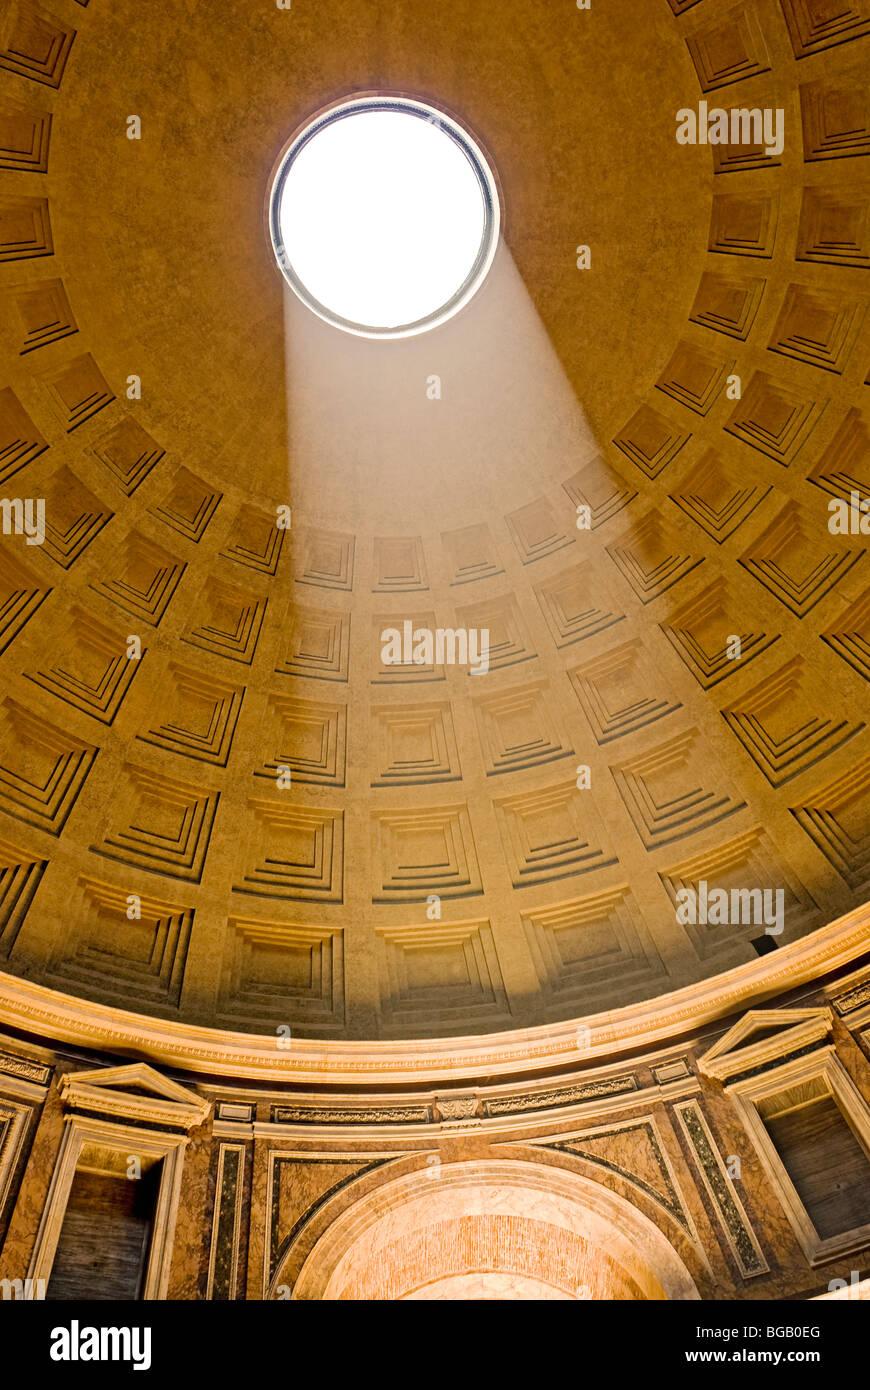 Roma, Italia. Interno del Pantheon in Piazza della Rotonda l'occhio e il soffitto a cassettoni. Foto Stock